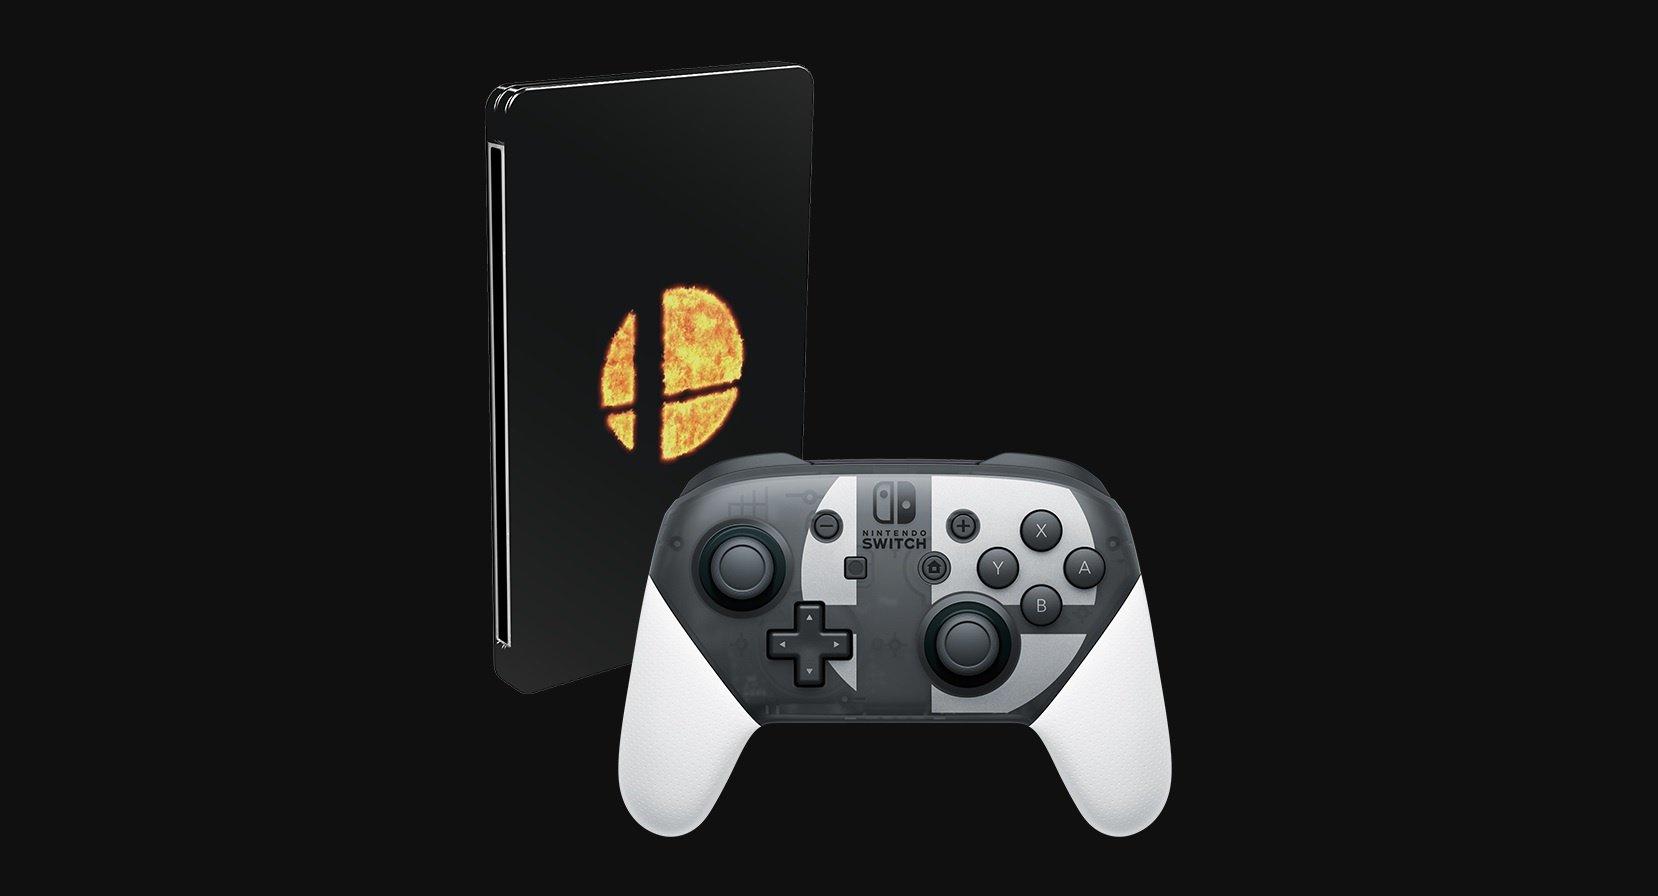 باندل و کنترلر جدید Super Smash Bros. Ultimate معرفی شد